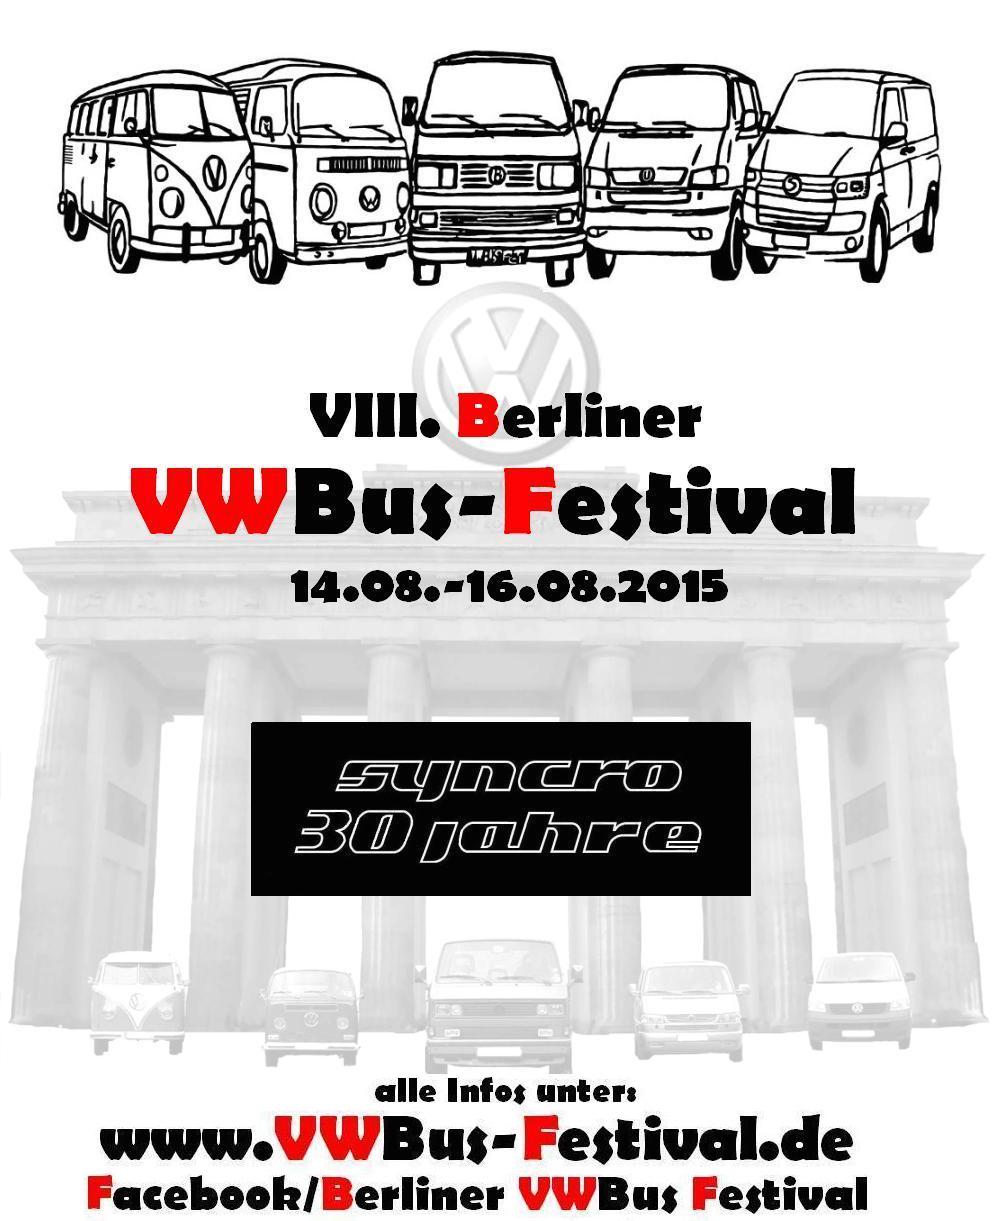 VWBus Festoval Berlin 2015